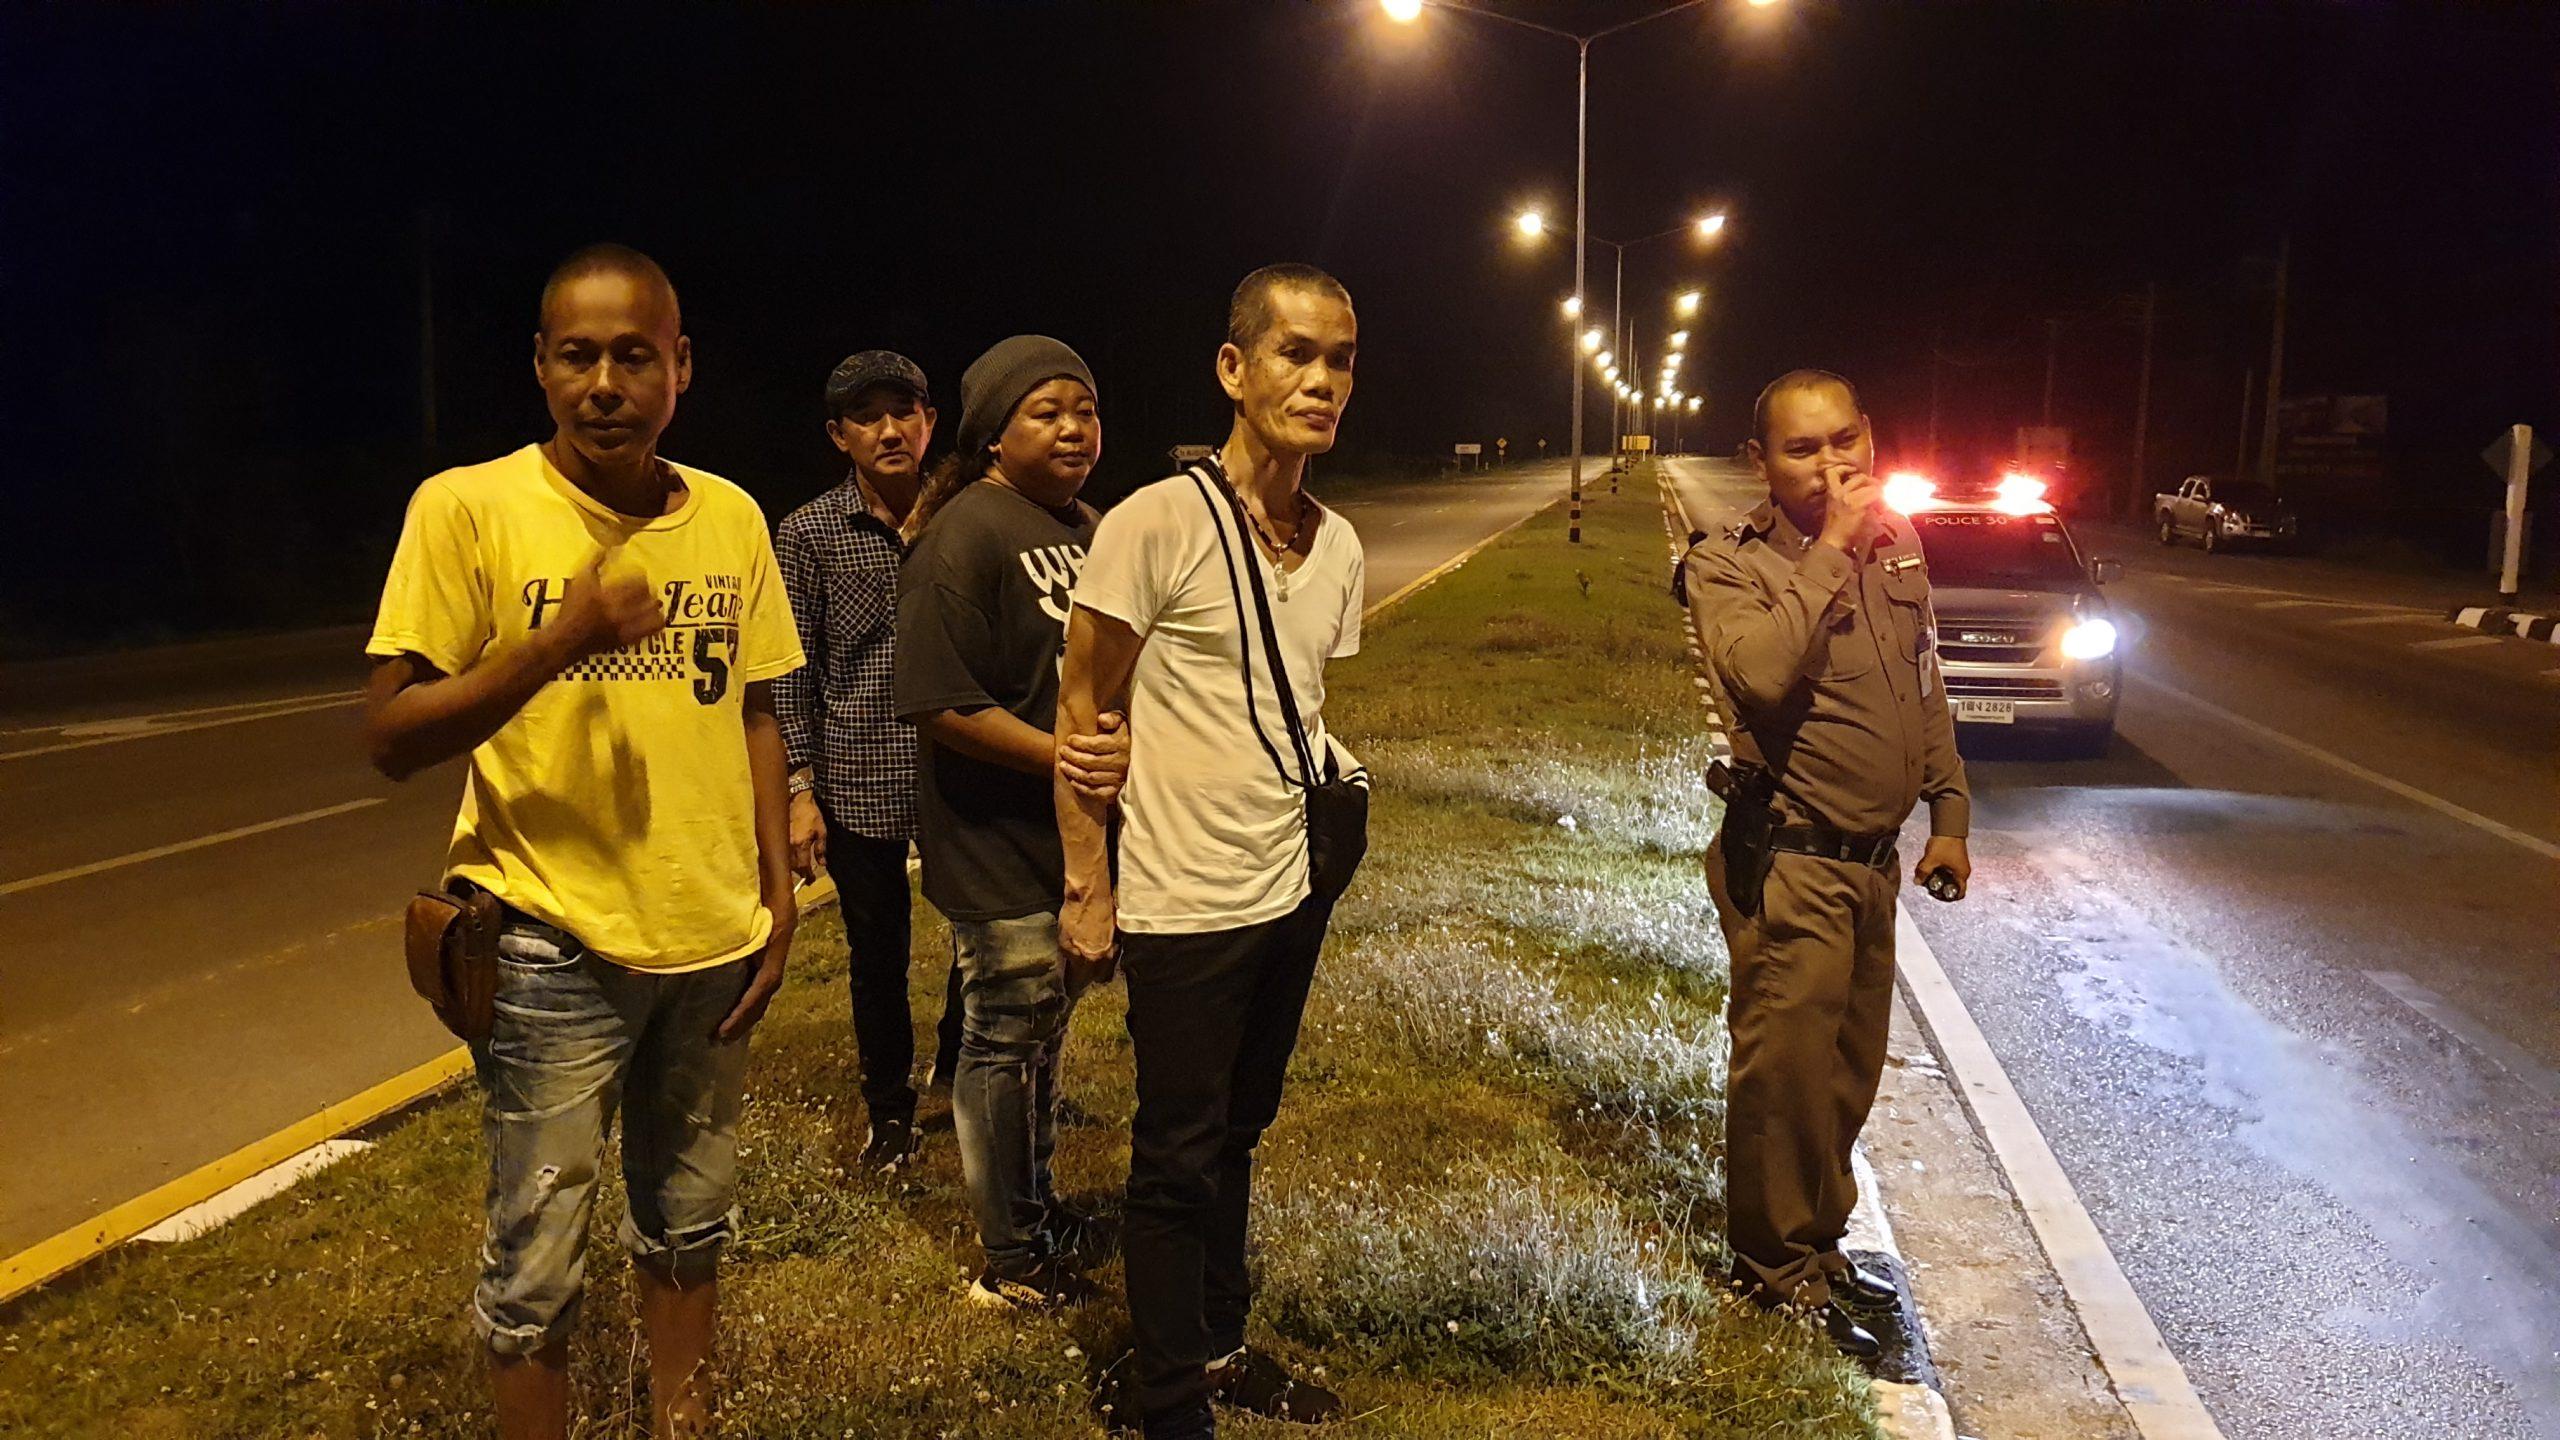 ข่าวจังหวัดเพชรบุรี ข่าวรถชน ข่าวสดวันนี้ ข่าวอุบัติเหตุ จ๊อด เชิญยิ้ม